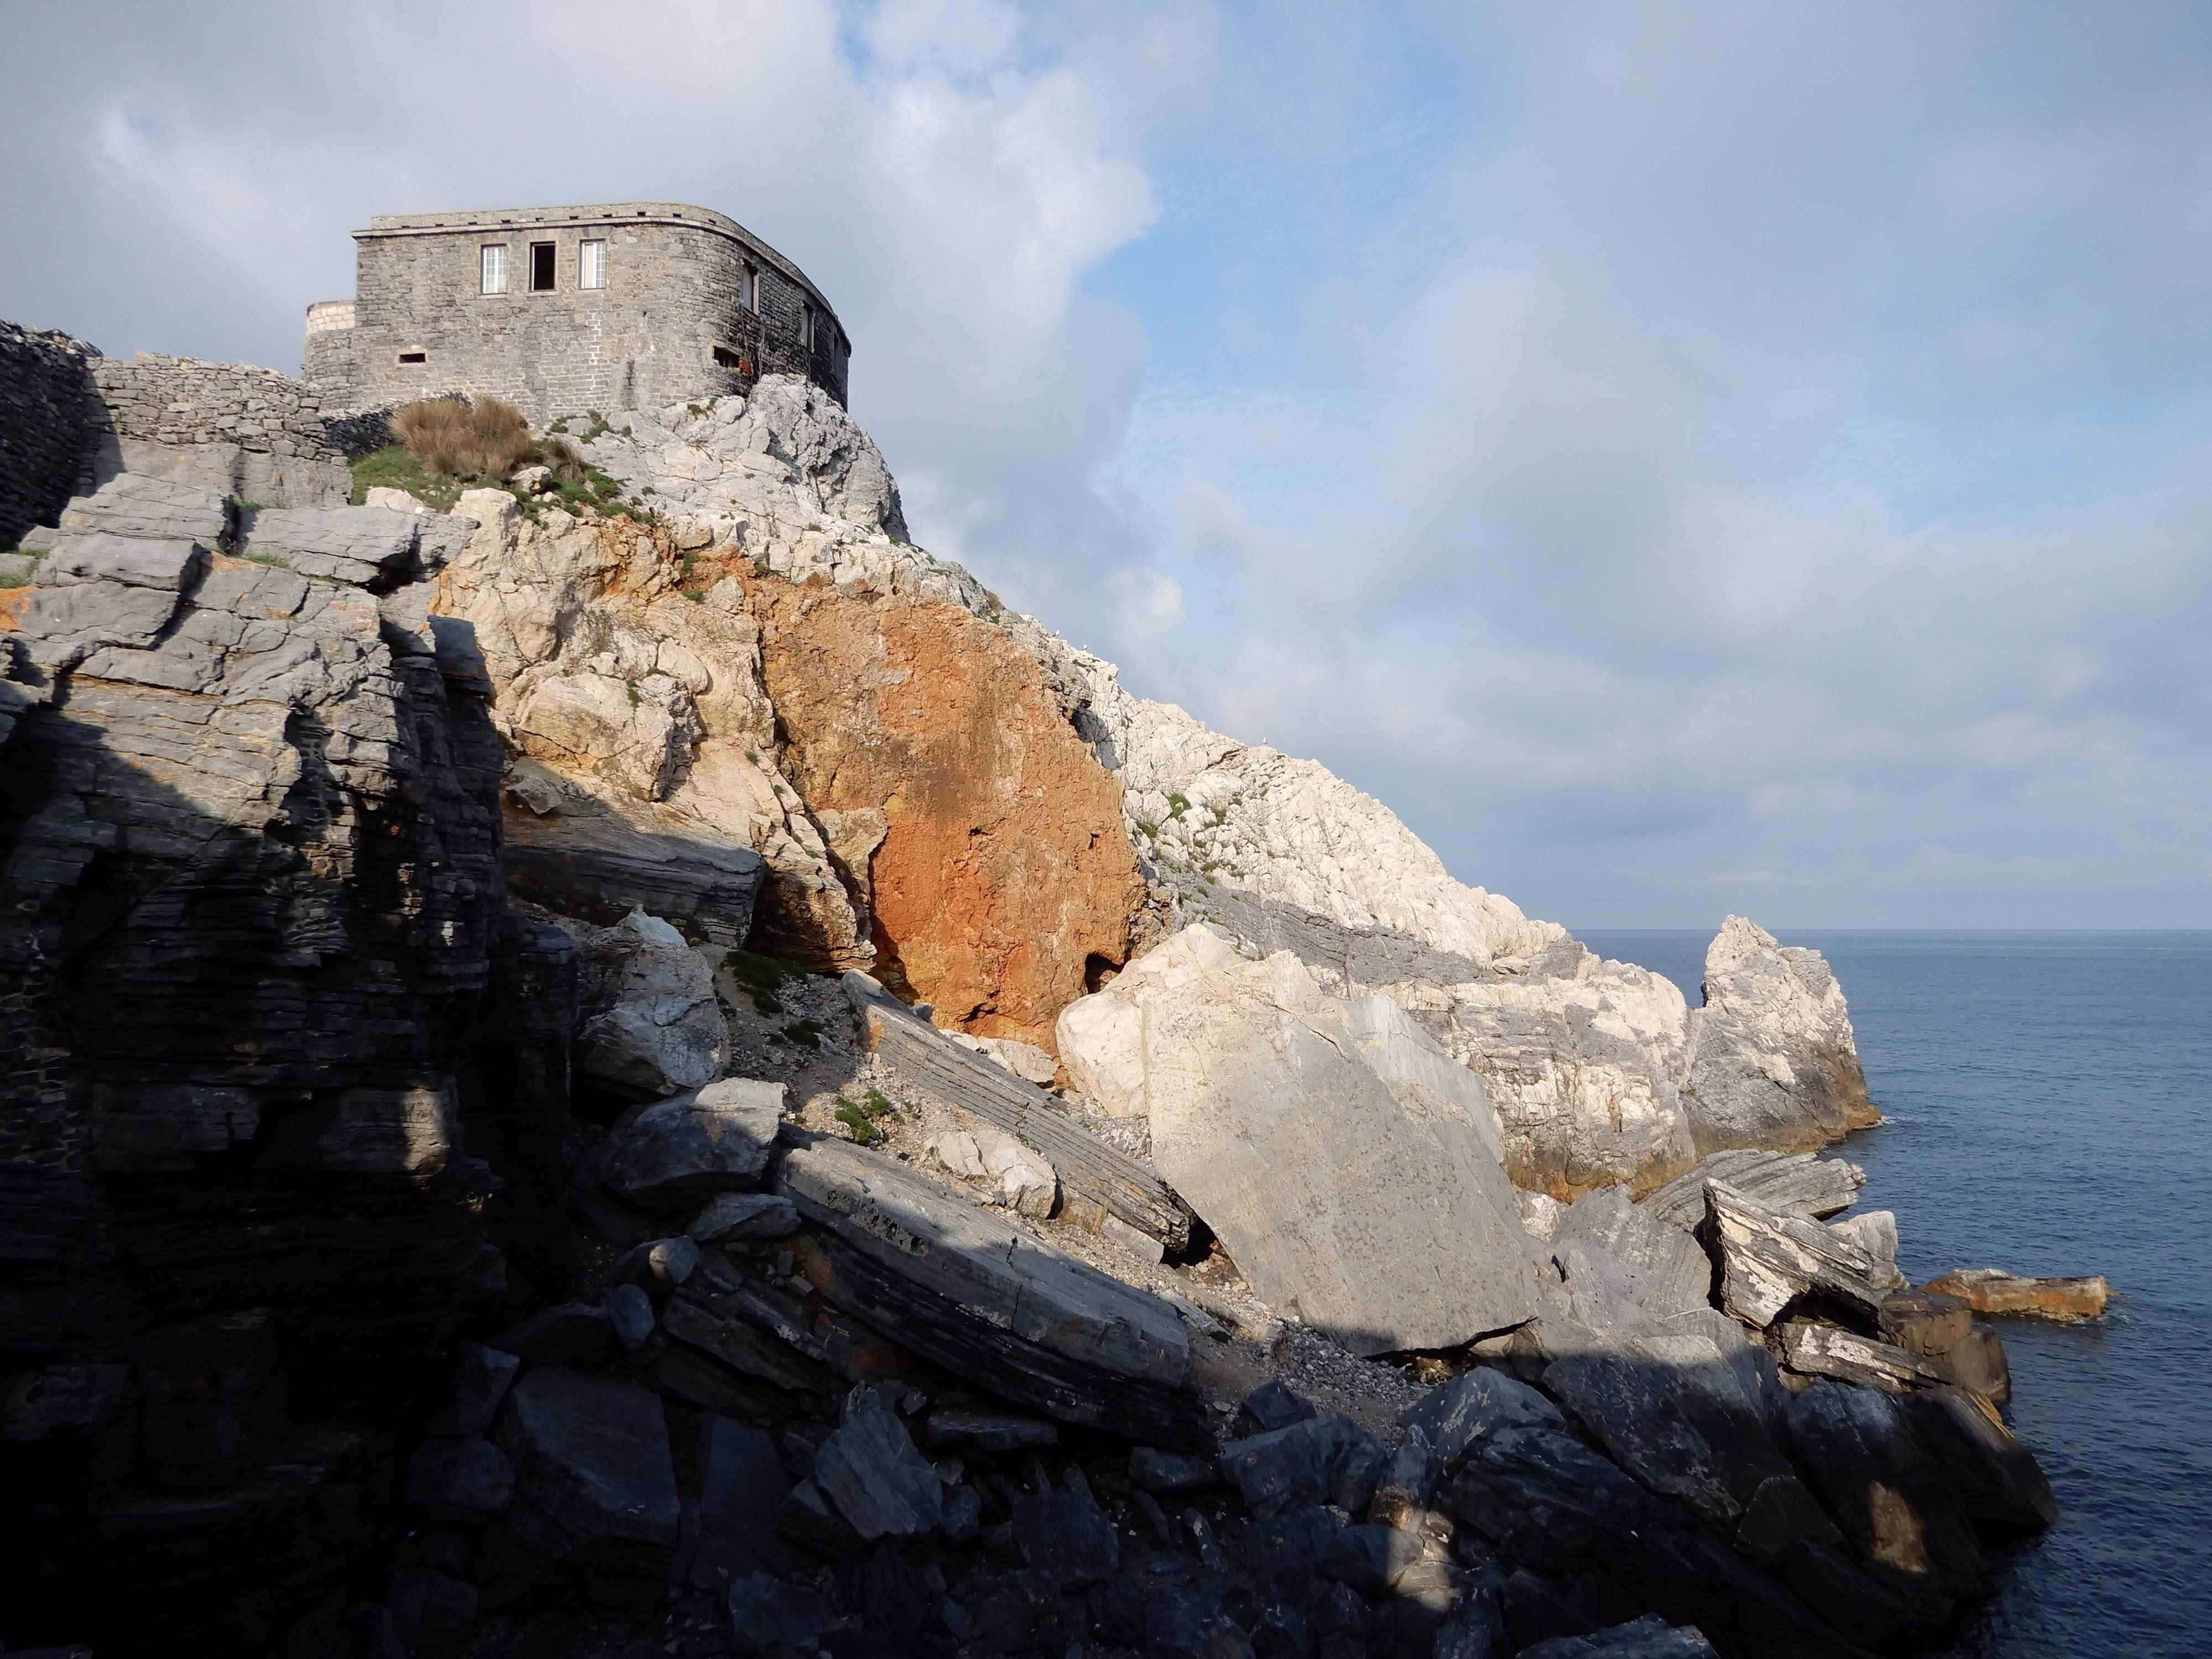 9.ancient defensive post